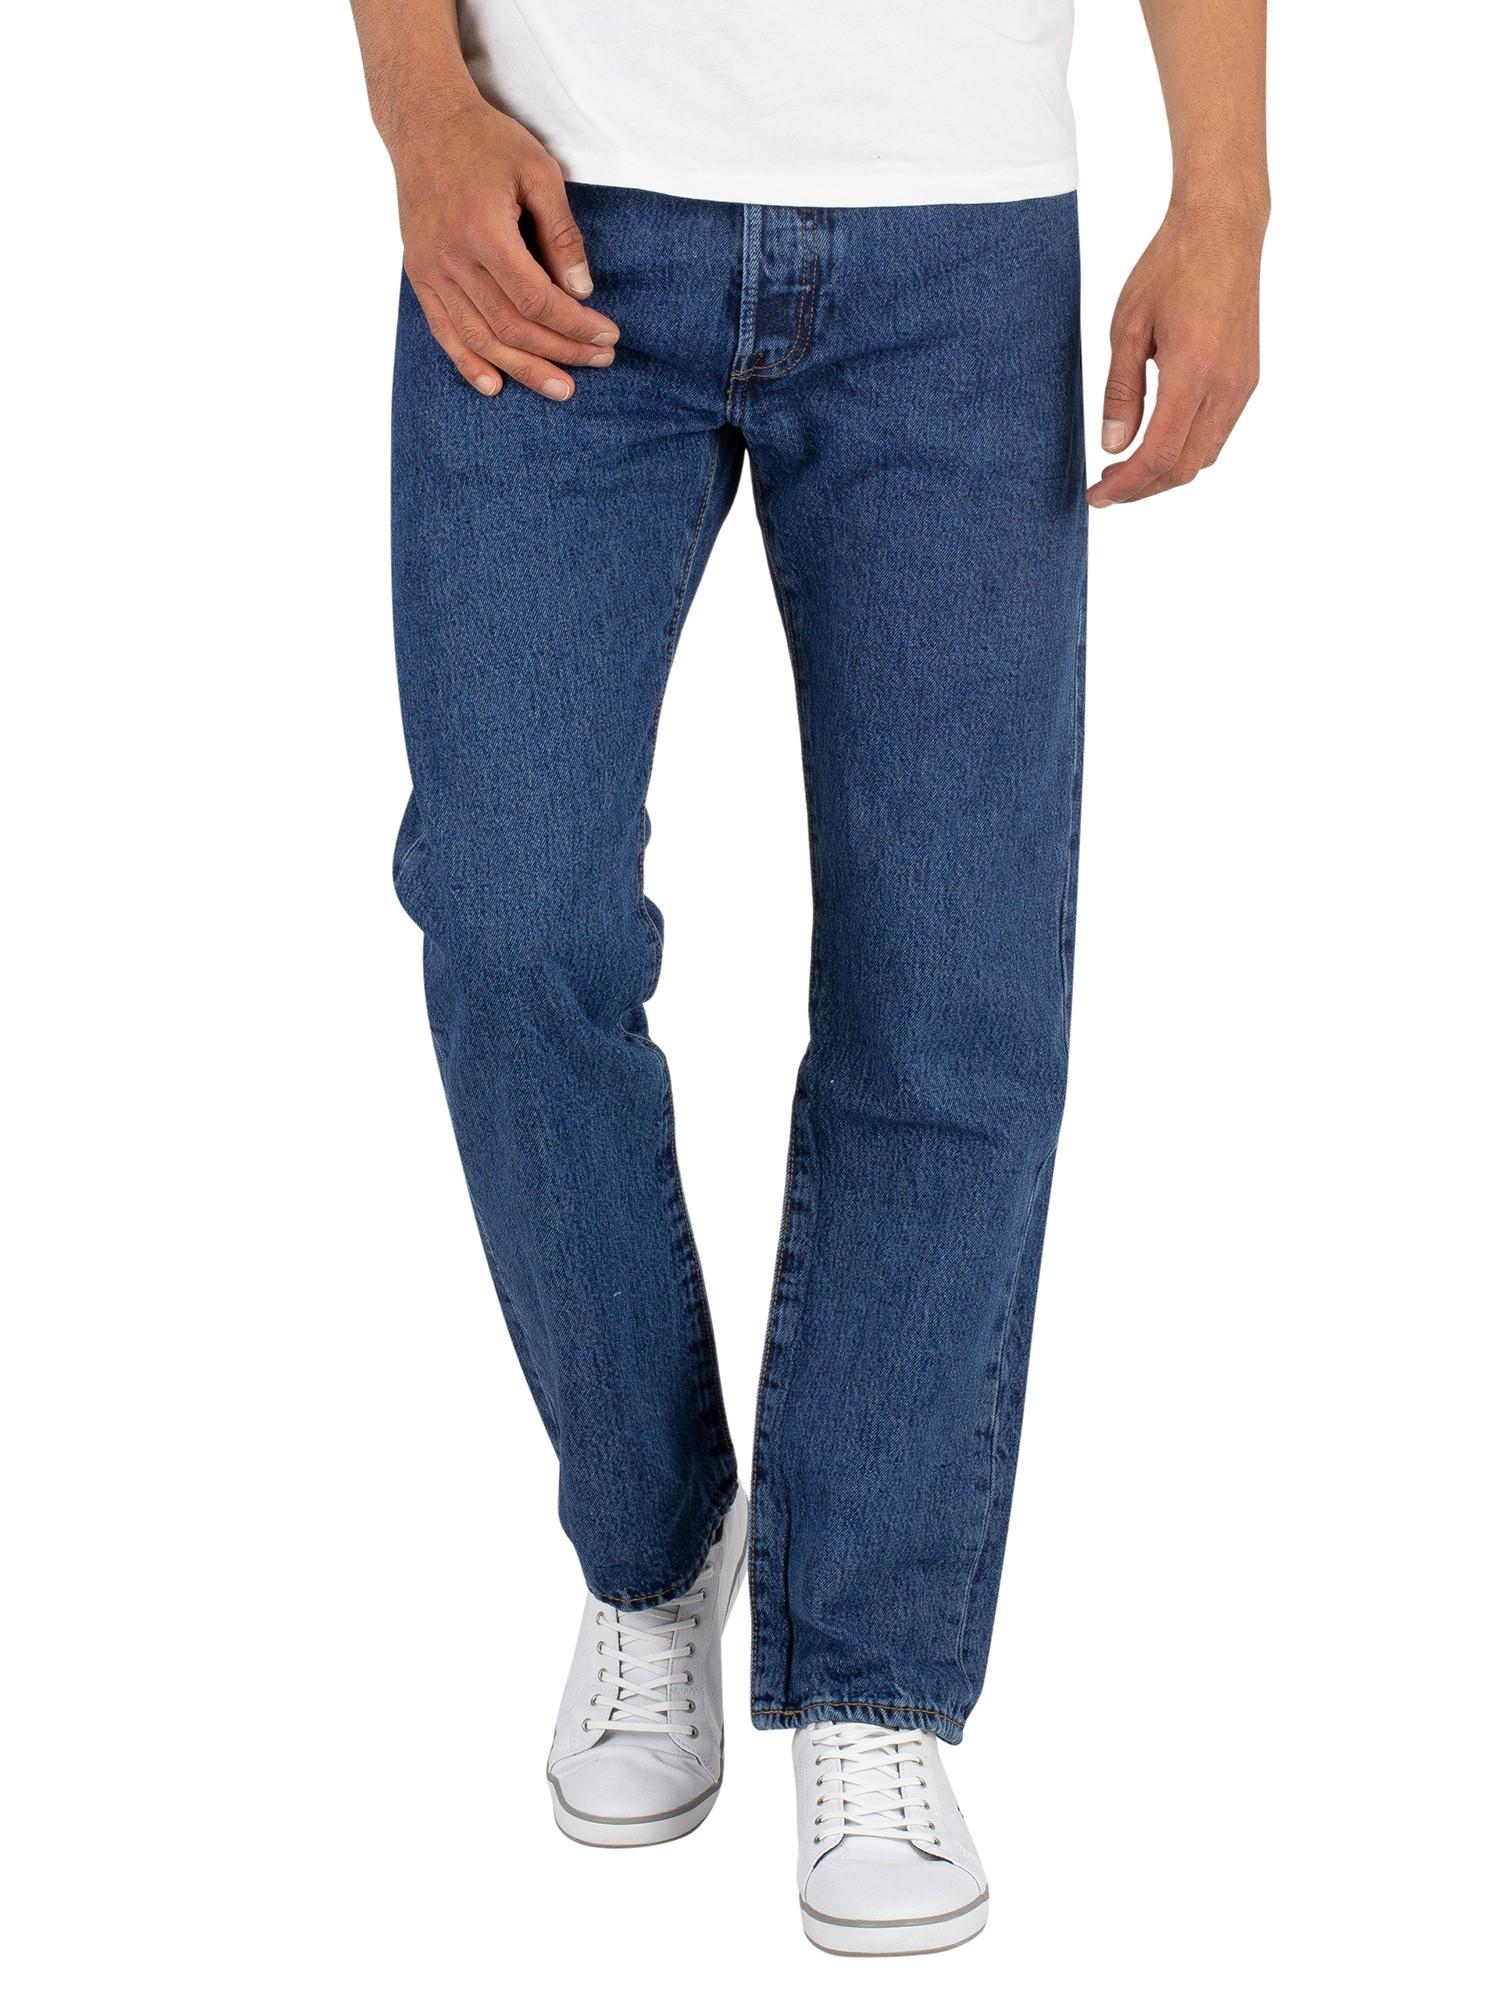 Levi's 501 Original Fit Denim Jeans - Stonewash   Standout